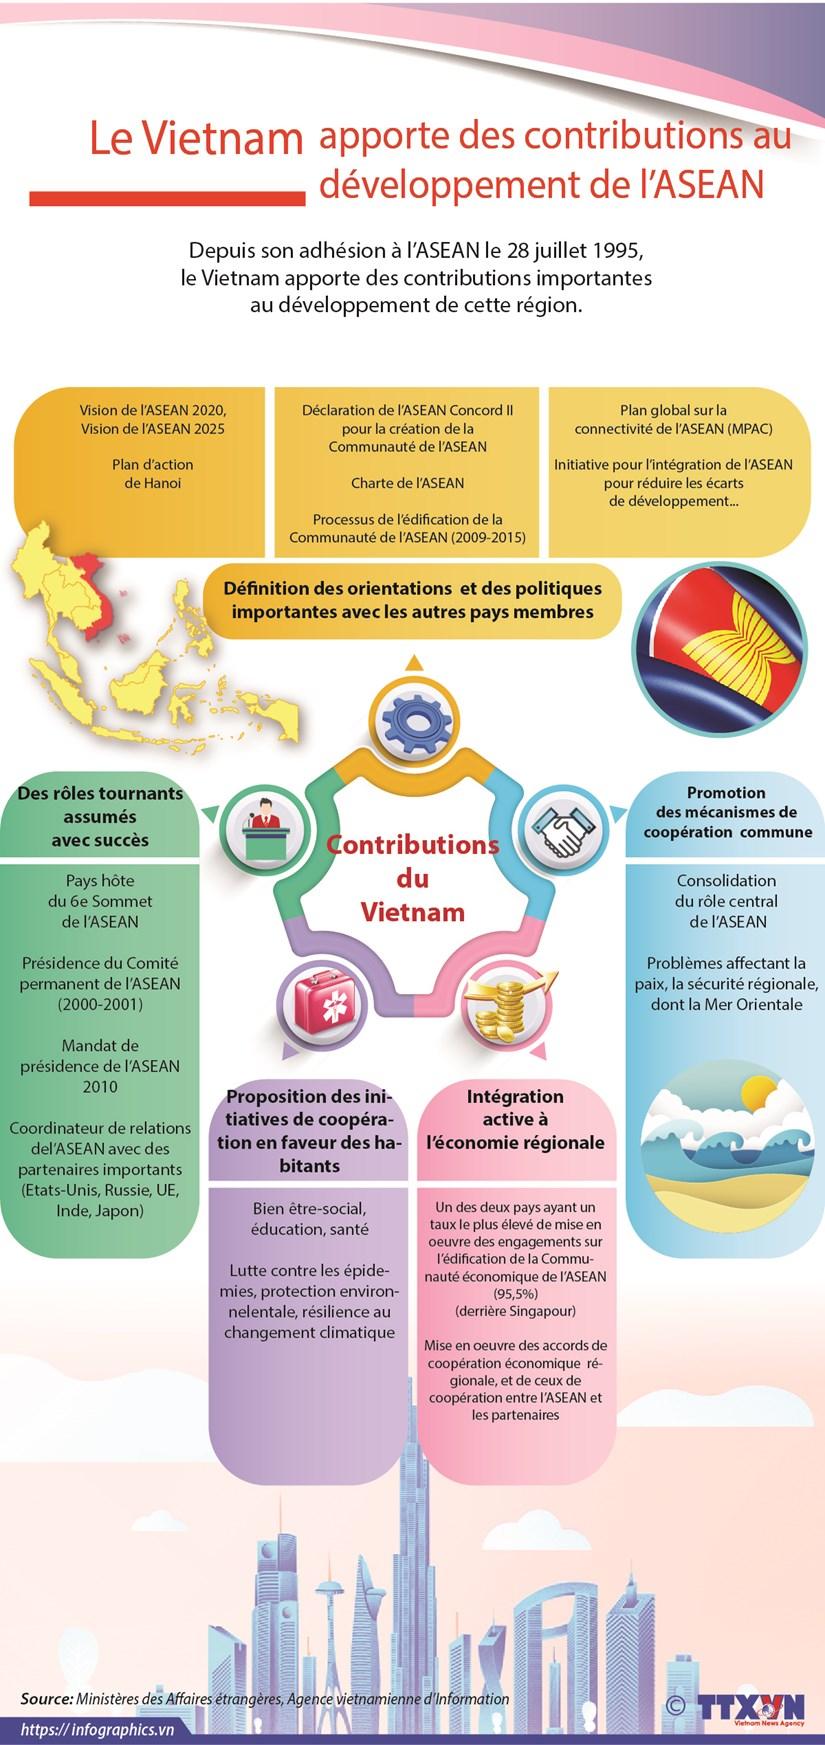 Le Vietnam apporte des contributions au developpement de l'ASEAN hinh anh 1